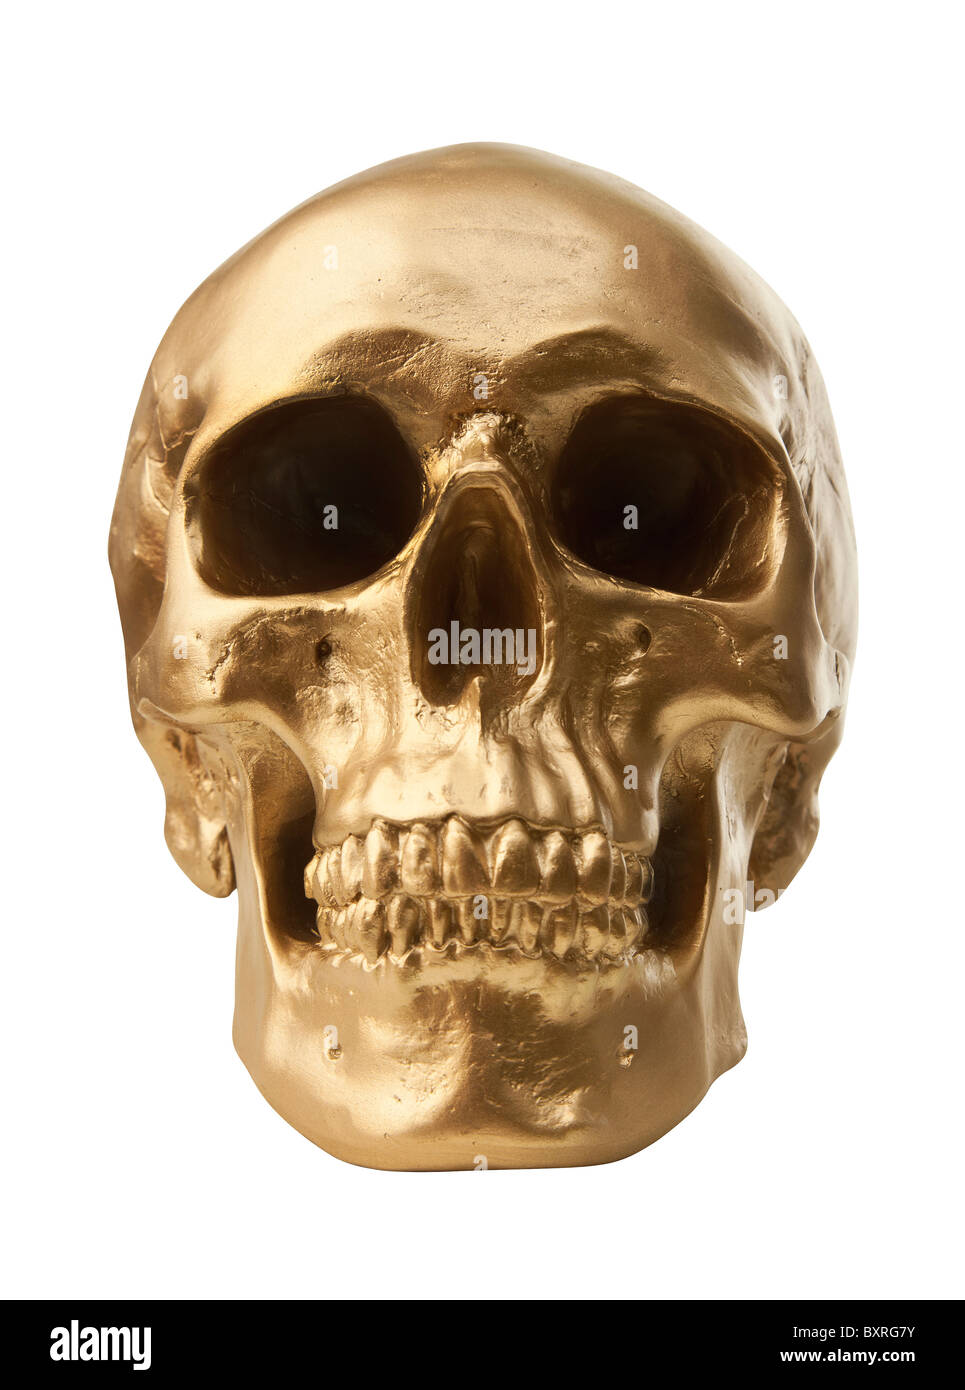 Goldenen menschlichen Schädel, die isoliert auf weißem Hintergrund Stockfoto